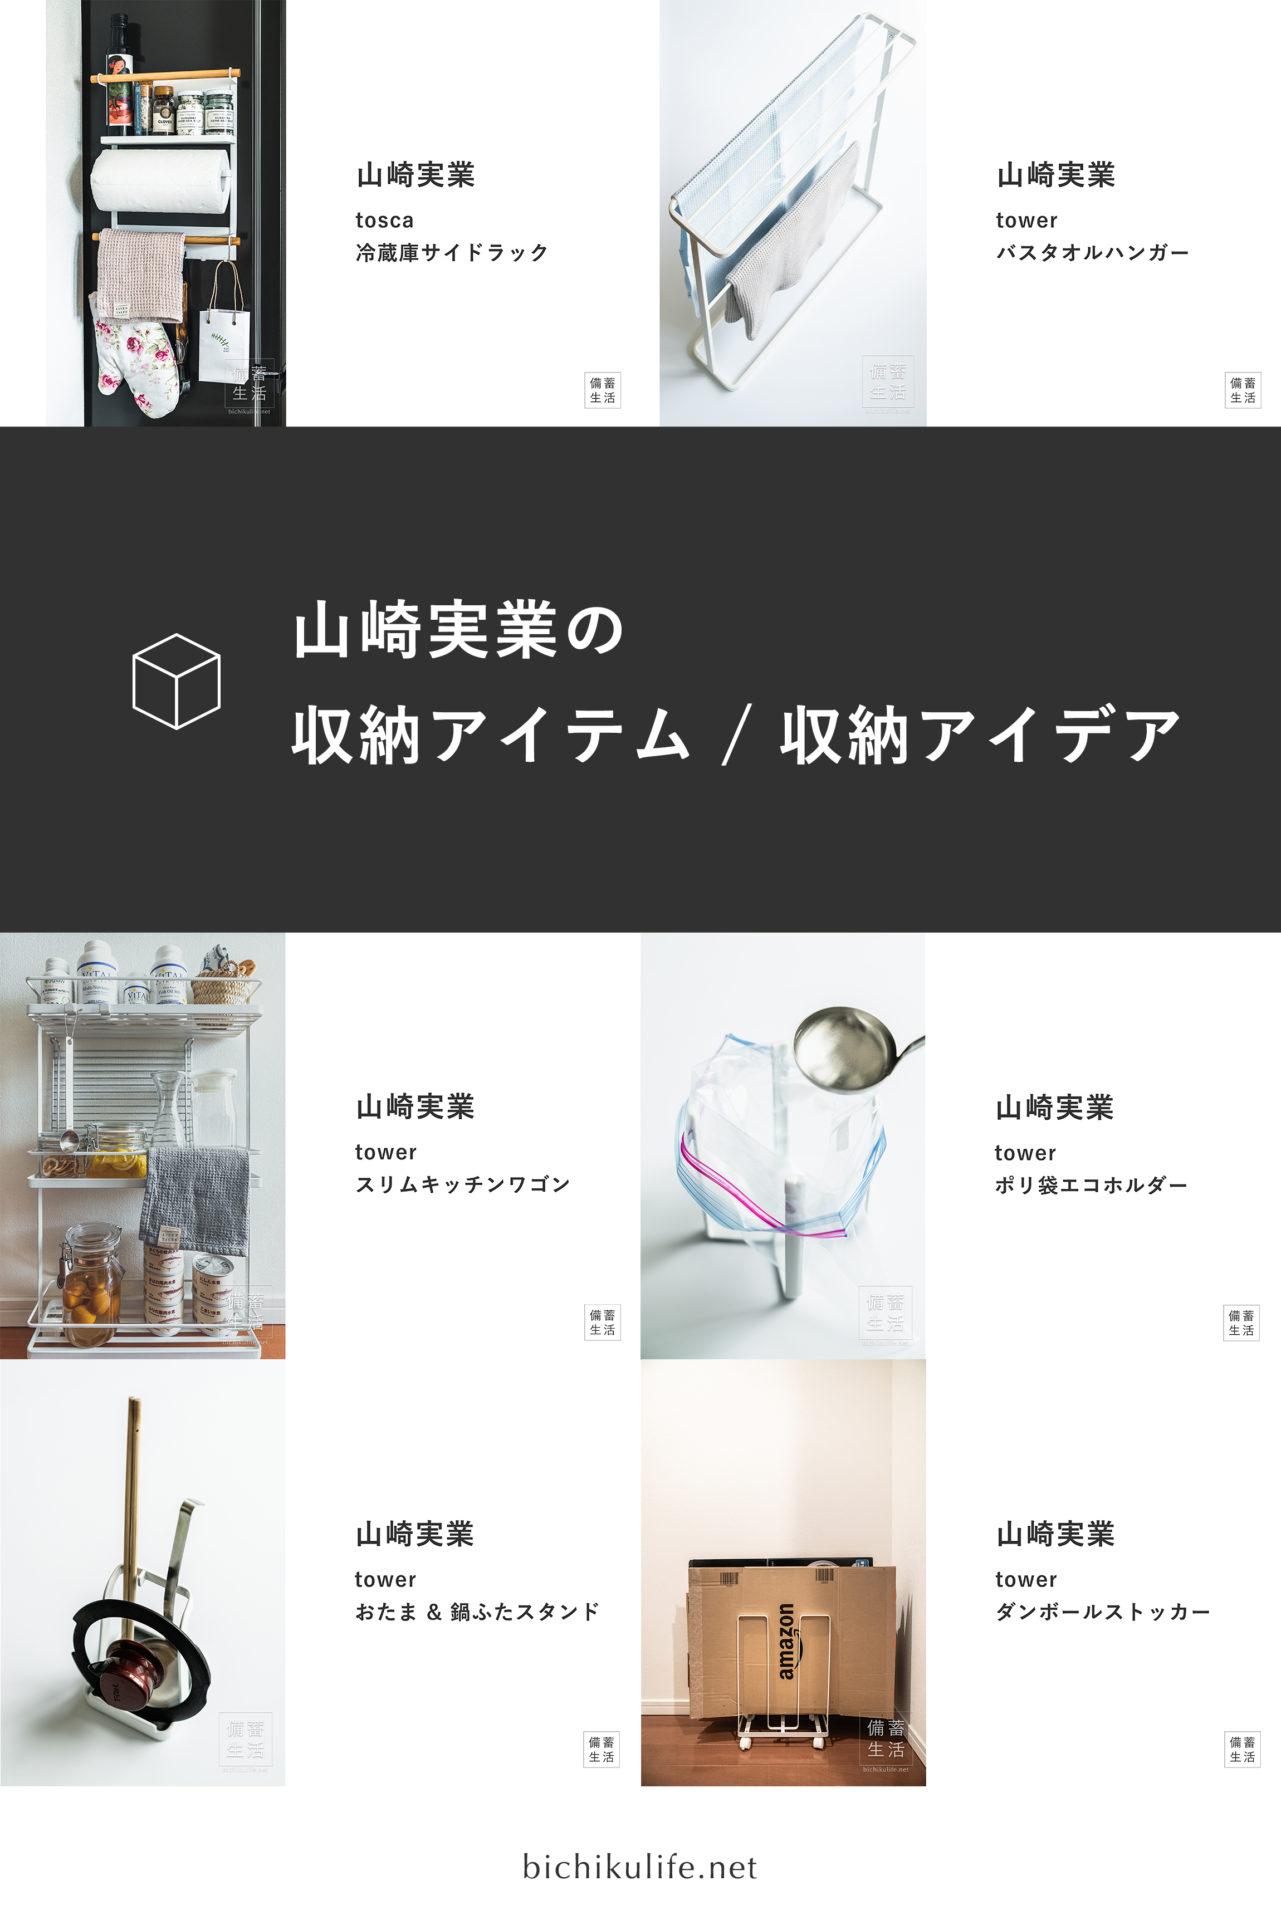 山崎実業の収納アイテム・収納アイデア インデックス